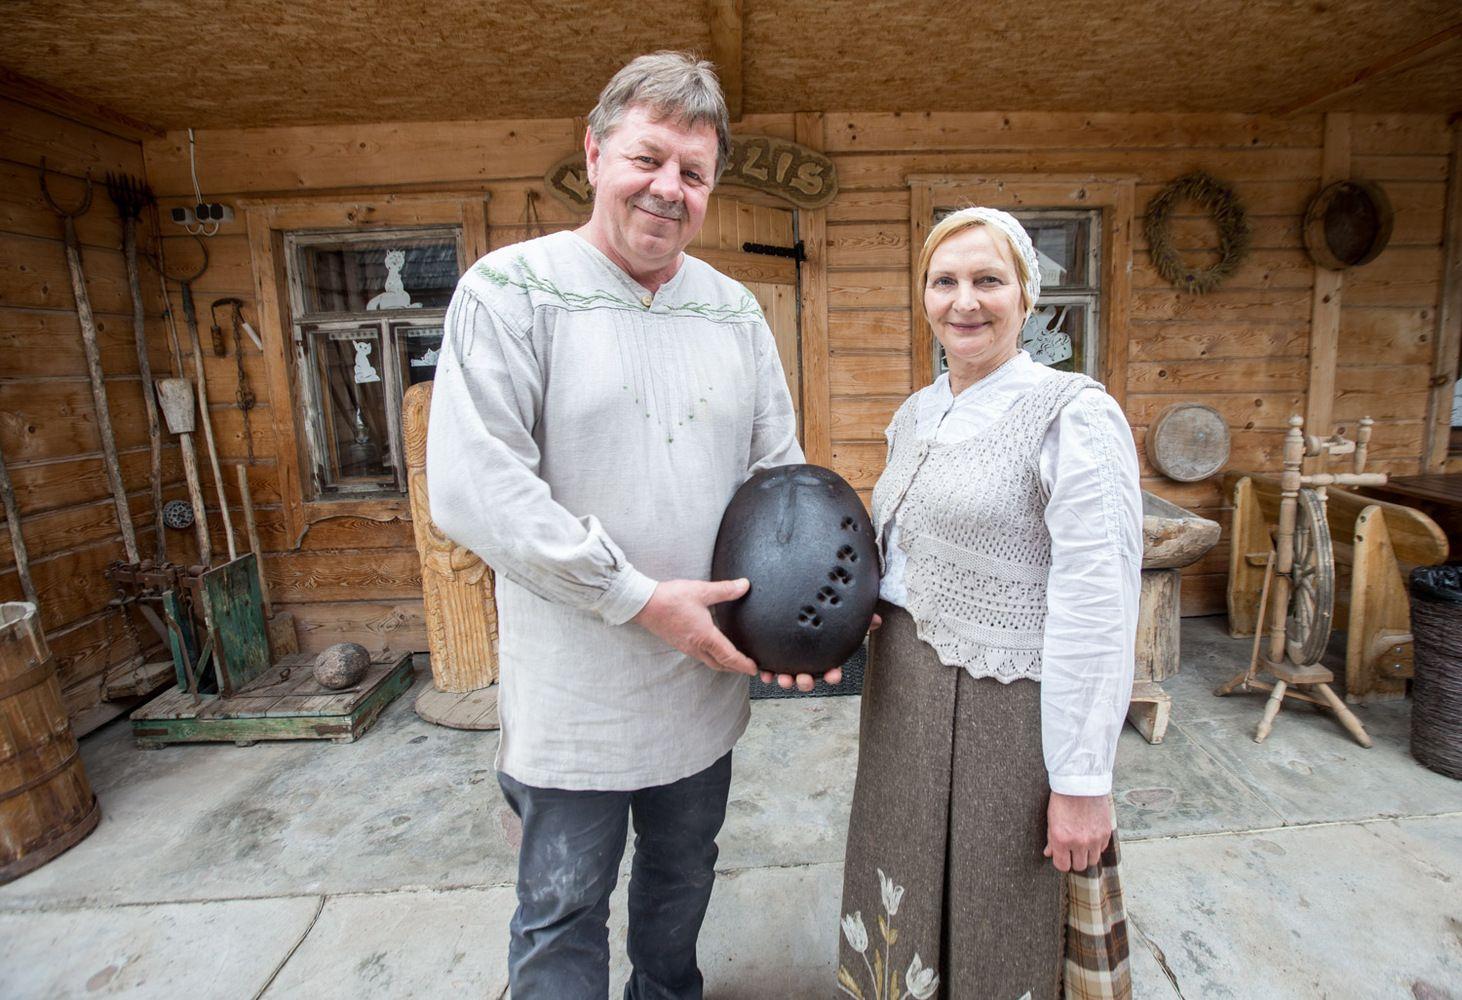 Kelionės po Lietuvą: tradicinė Šlyninkos malūno duona